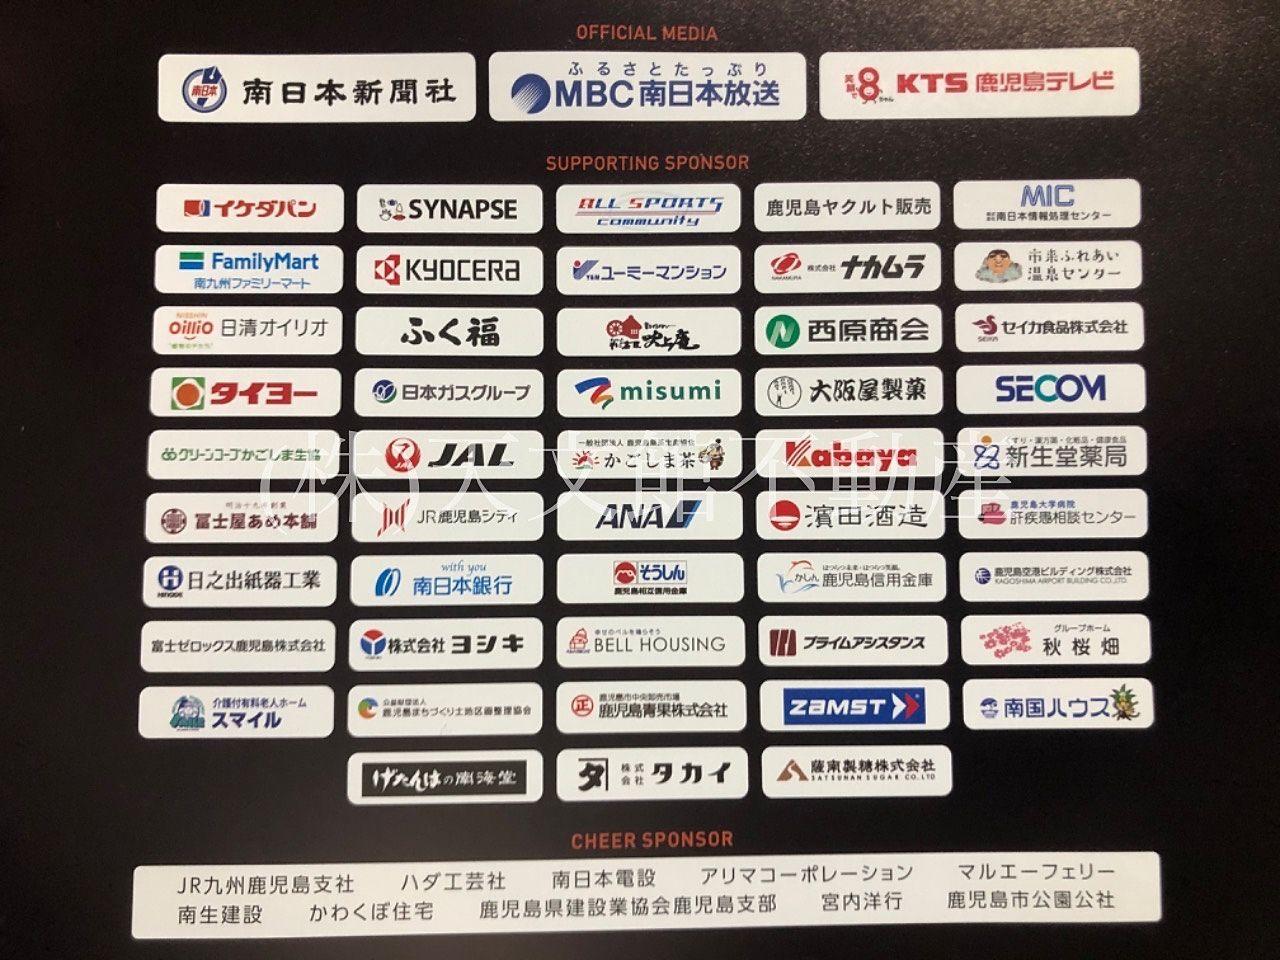 鹿児島県内の誰でも聞いたらすぐにわかるような会社が共済しているようです。